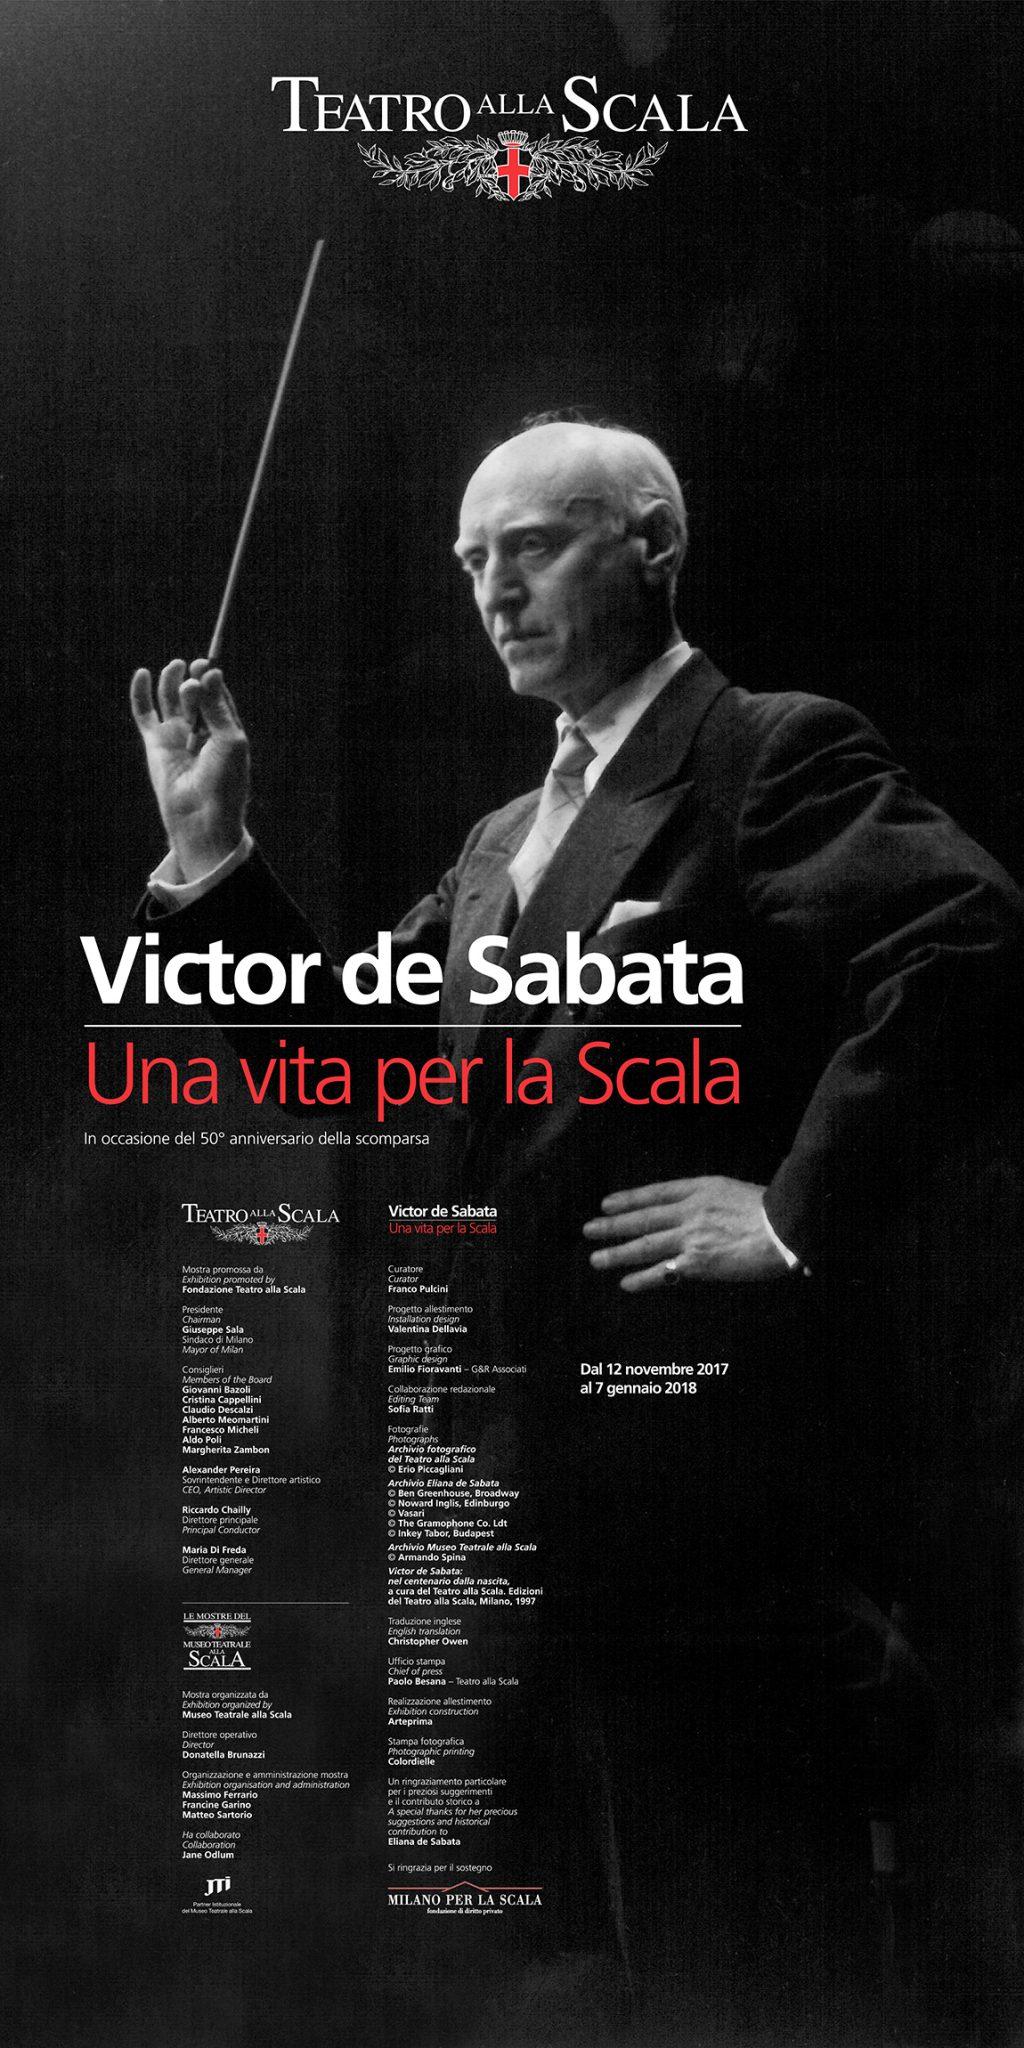 Victor de Sabata: Una vita per la scala